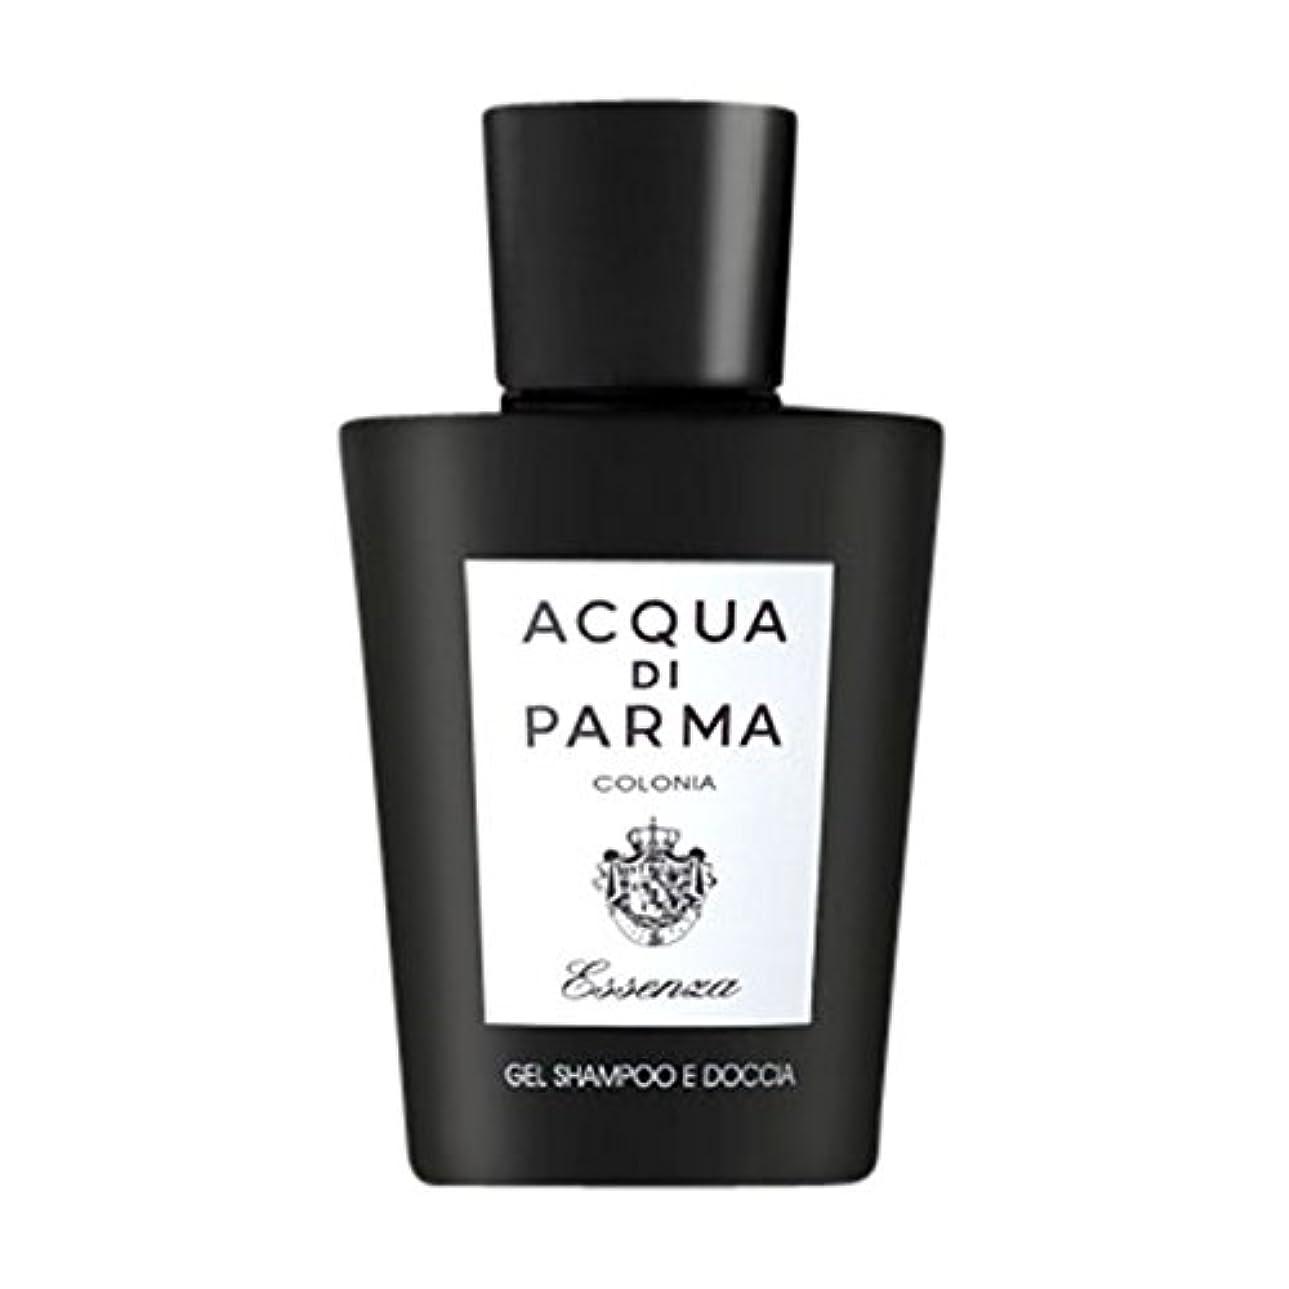 ストッキング細菌医薬品アクアディパルマコロニアEssenza髪とシャワージェル200ミリリットル (Acqua di Parma) - Acqua di Parma Colonia Essenza Hair and Shower Gel 200ml [並行輸入品]